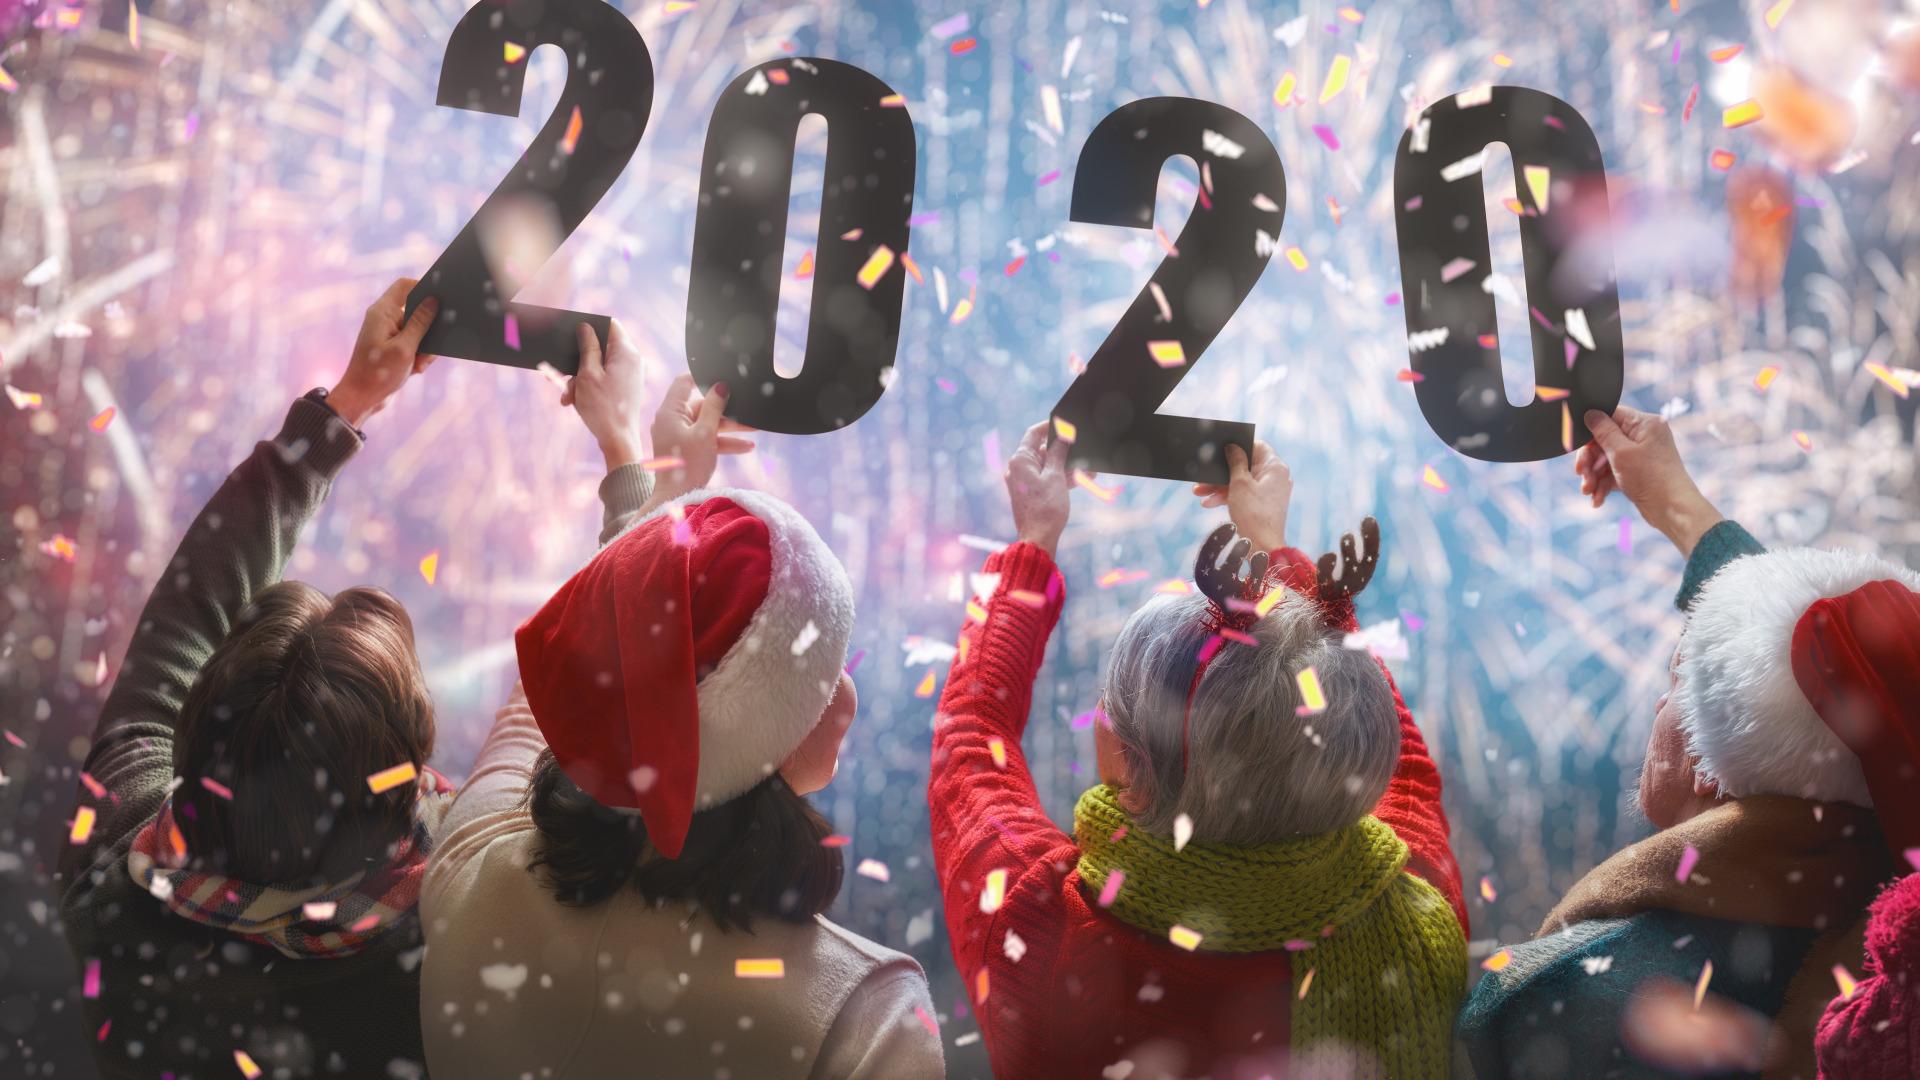 Hình nền đón chào năm mới 2020